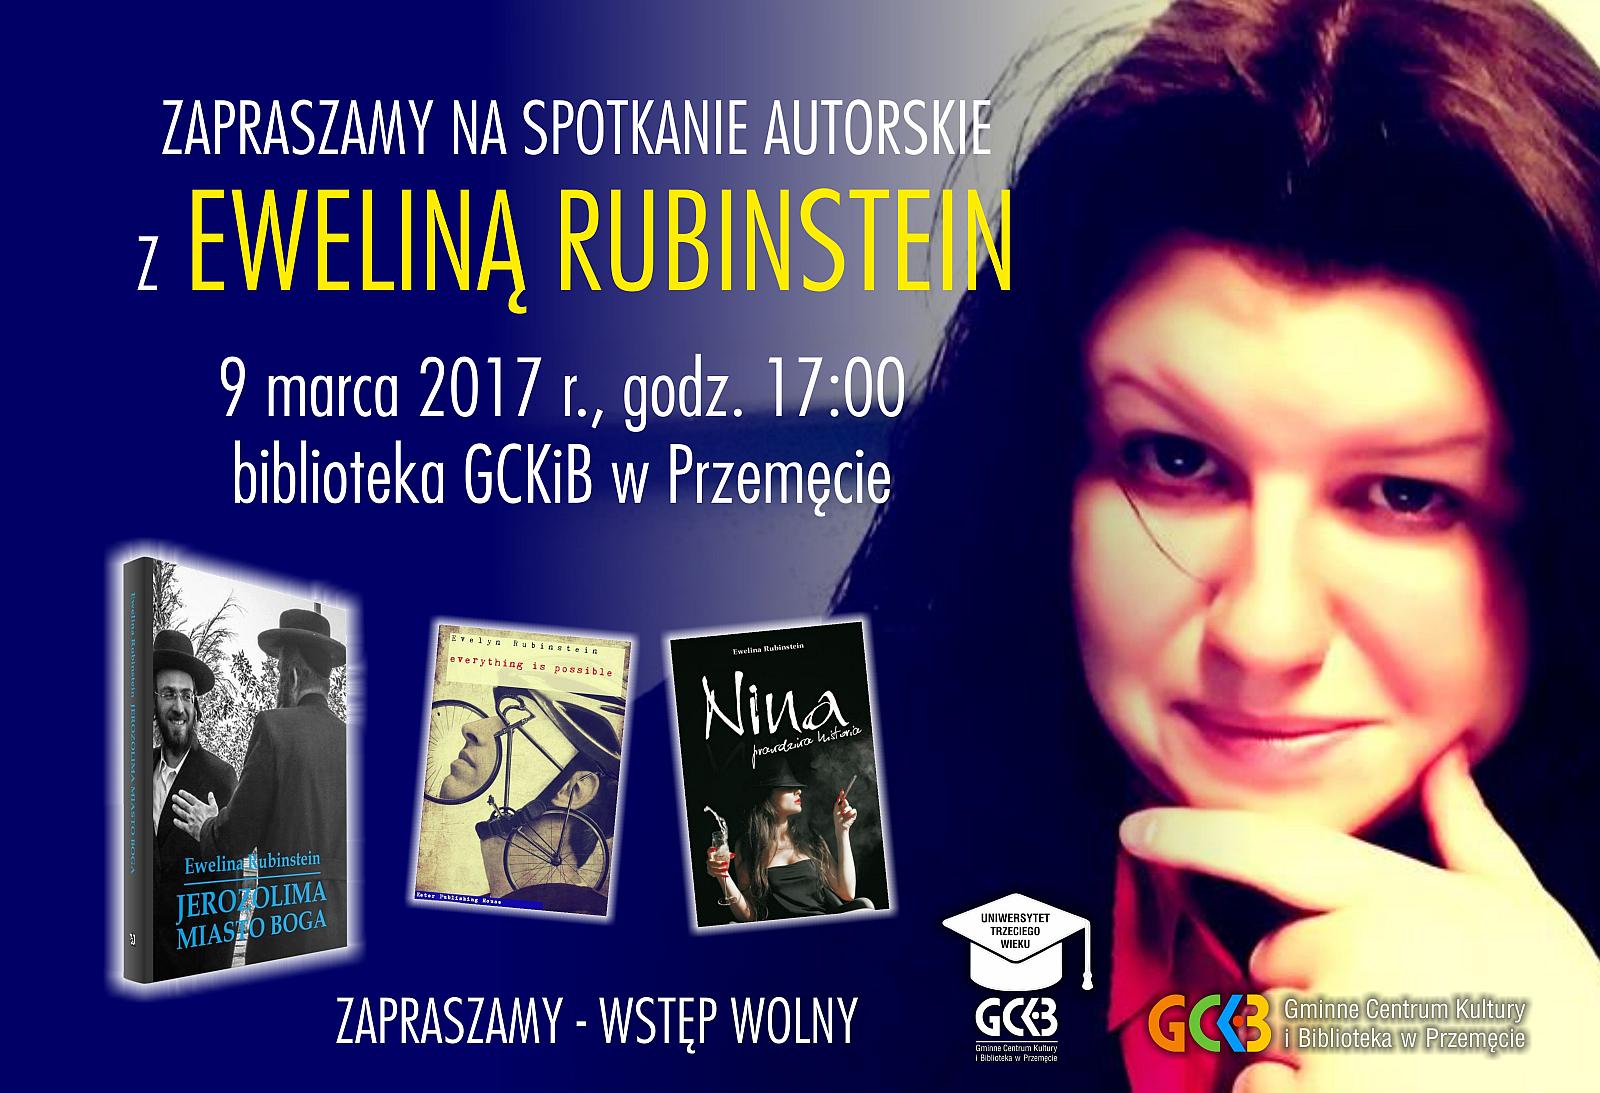 Zapraszamy na spotkanie z Eweliną Rubinstein